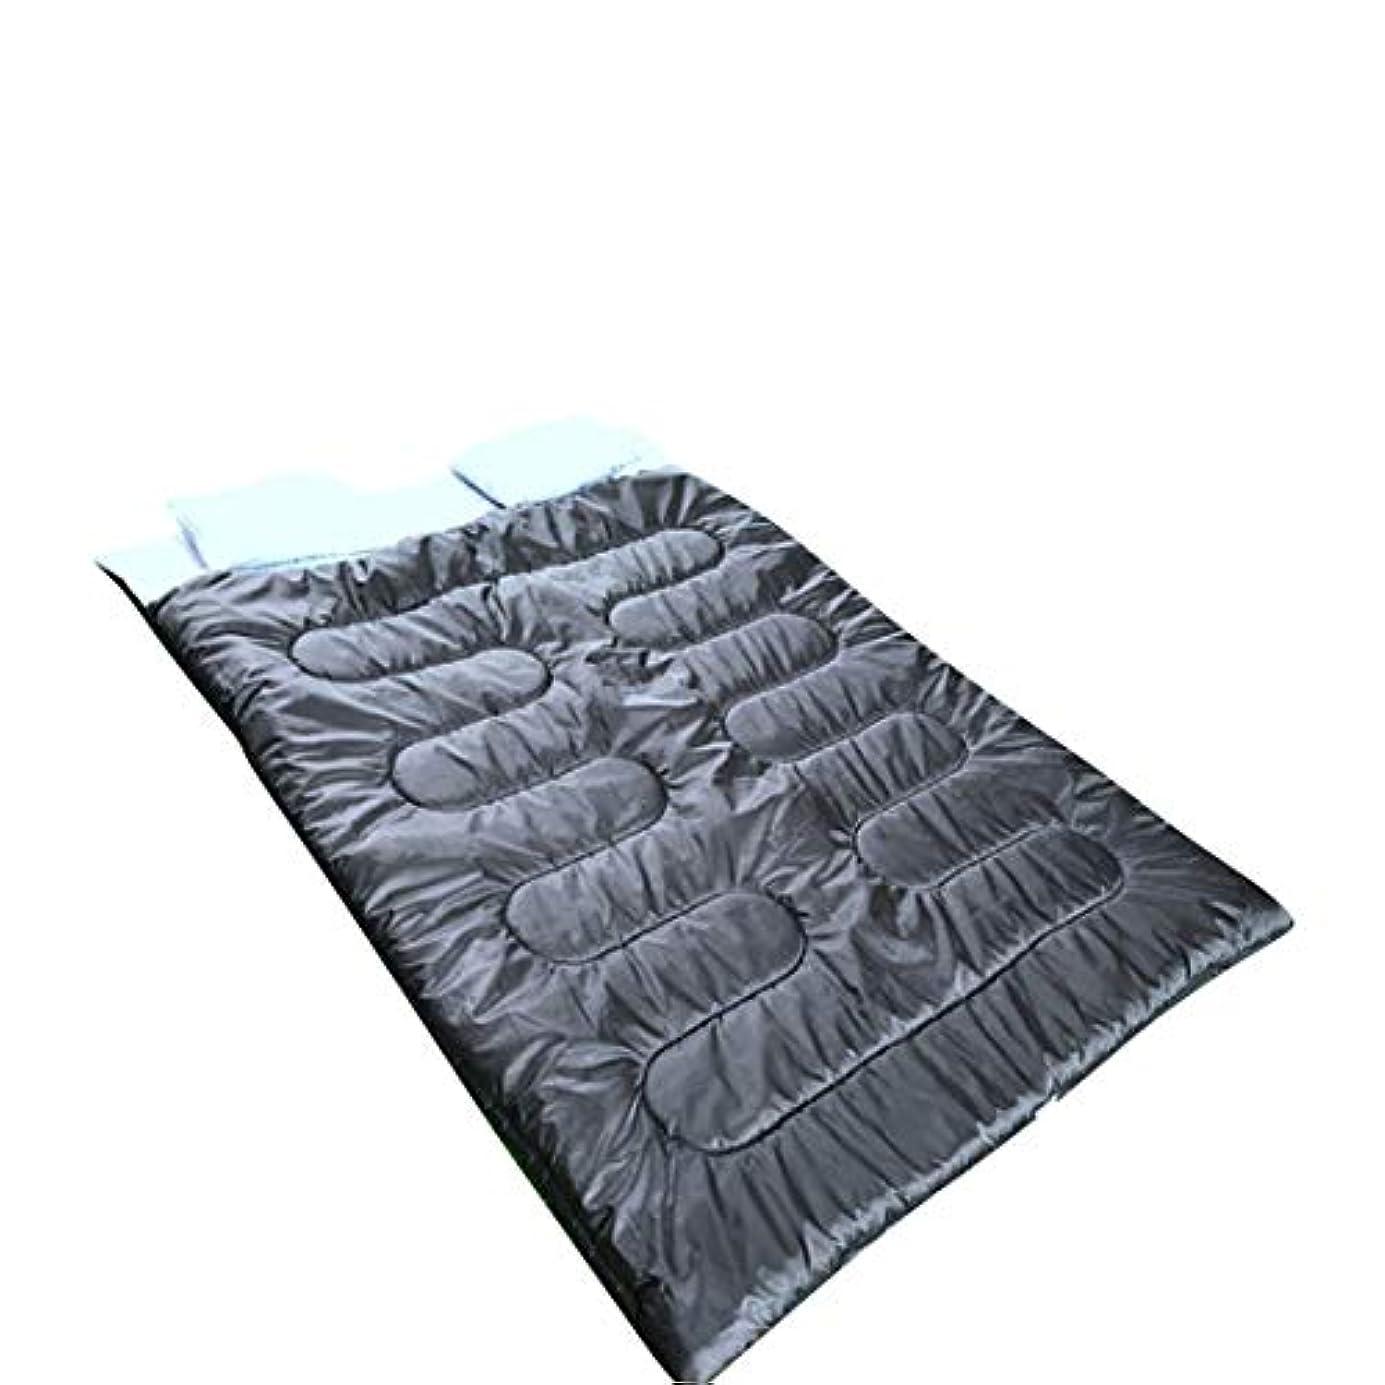 蒸留する建築森林LilyAngel 2つの枕の防水バックパックダブル寝袋 - 驚くほど軽量、コンパクト、快適&暖かい - バックパック、キャンプなどのためダブルサイズまたは2シングルバッグに変換